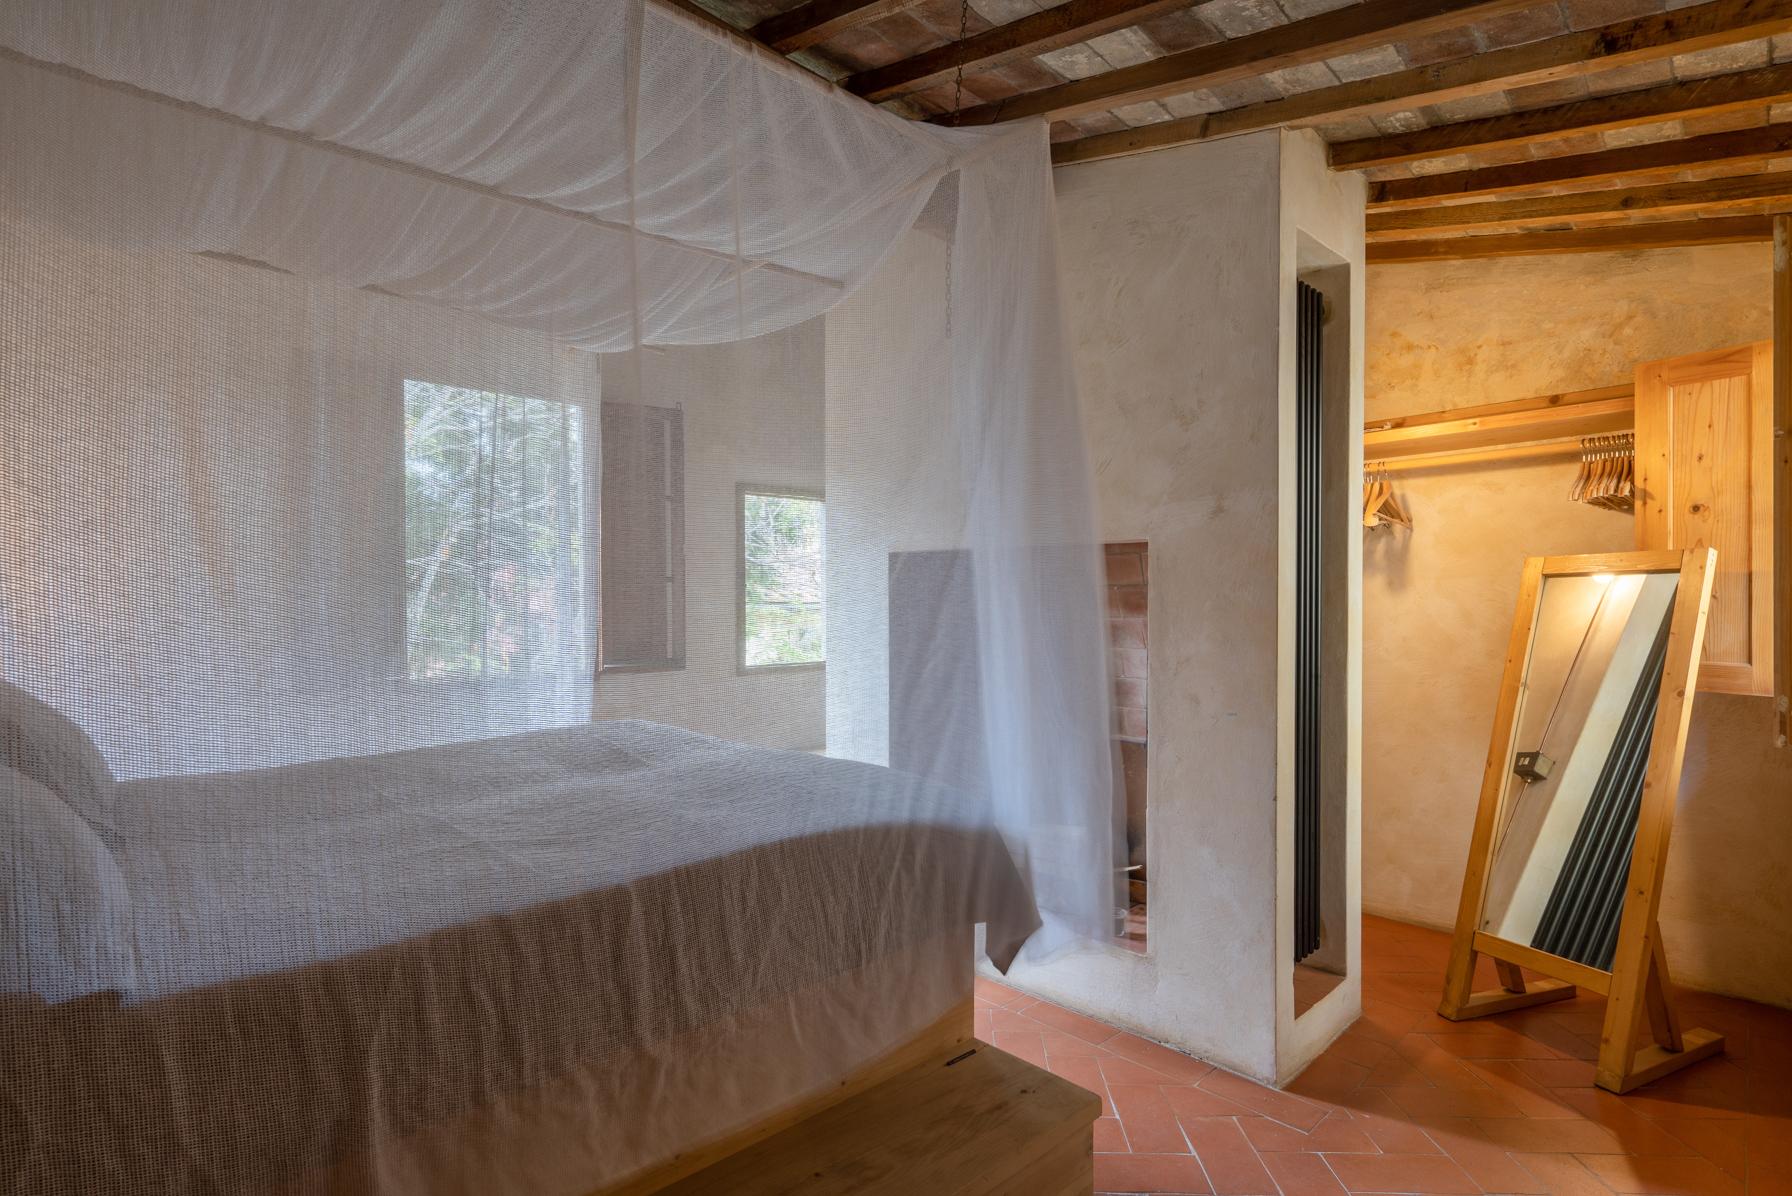 Appartamento in Vendita a Firenze: 4 locali, 120 mq - Foto 13